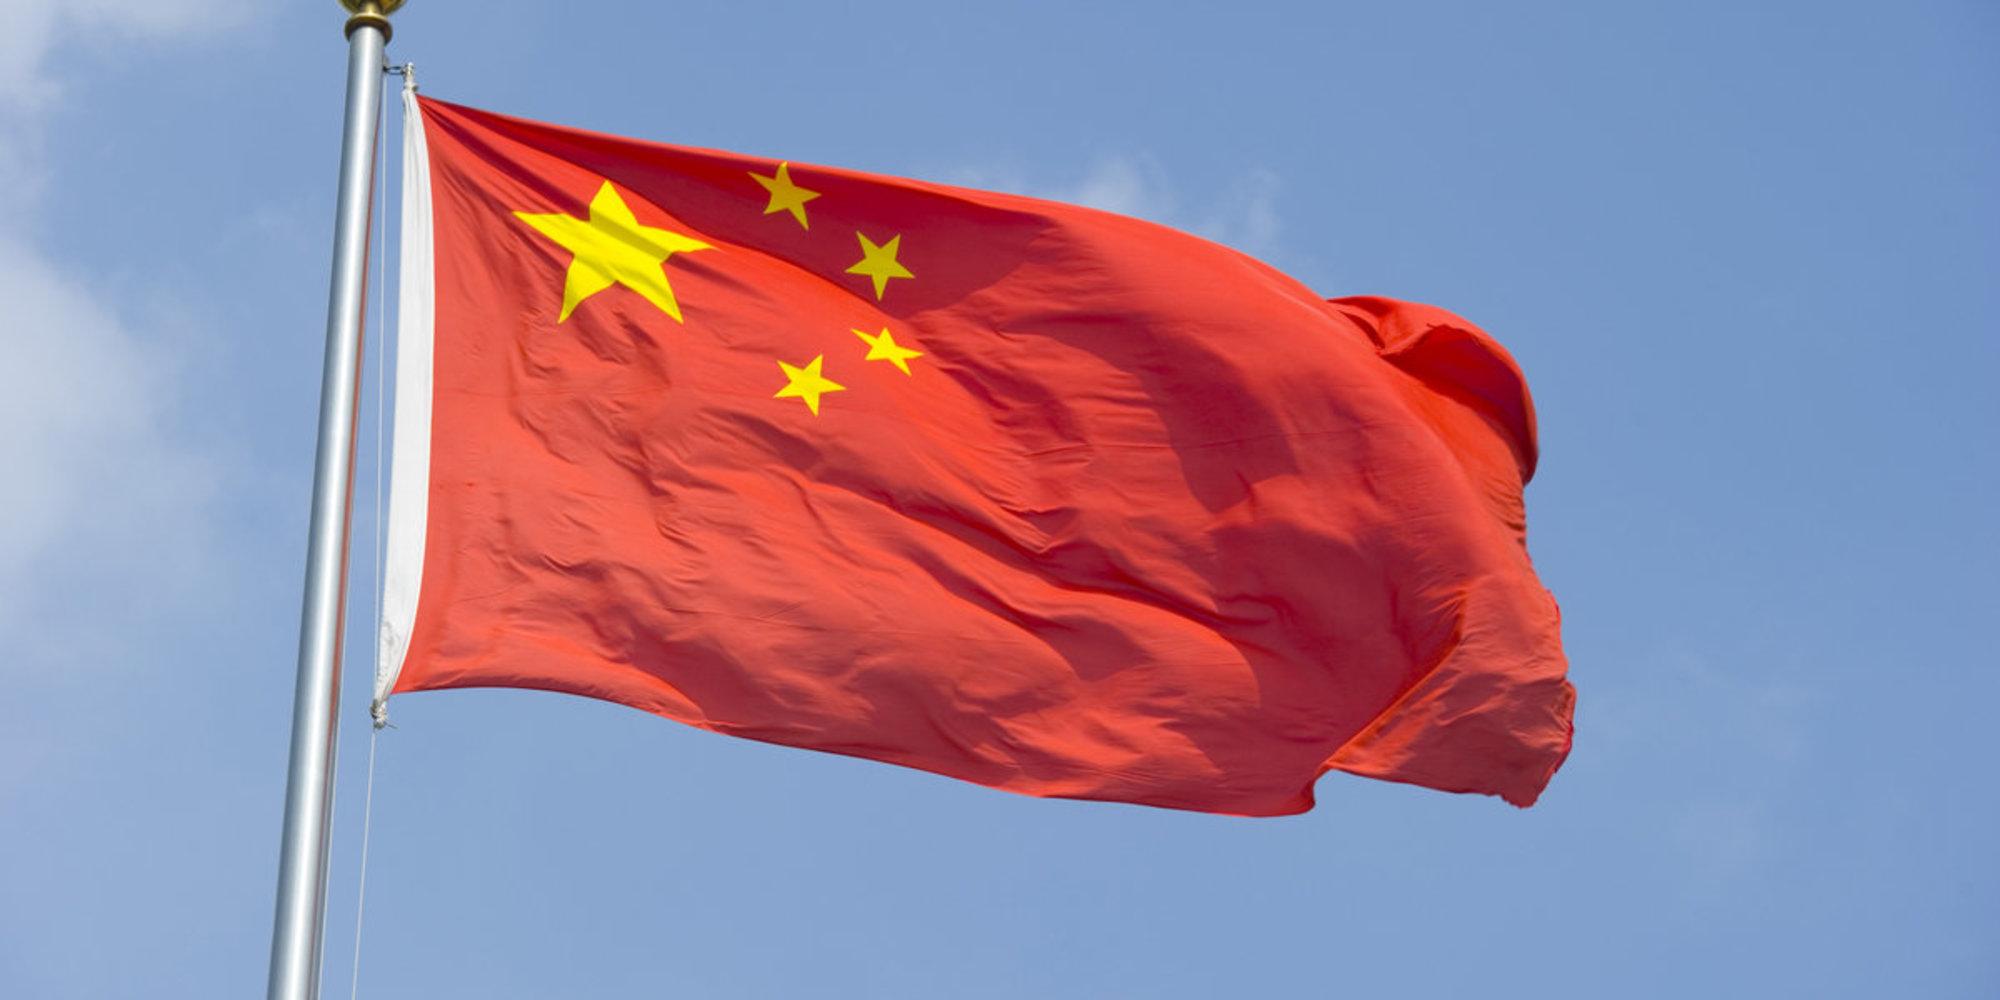 Analista asegura que China lanzará de manera inminente su moneda digital dentro de los próximos 6 o 12 meses